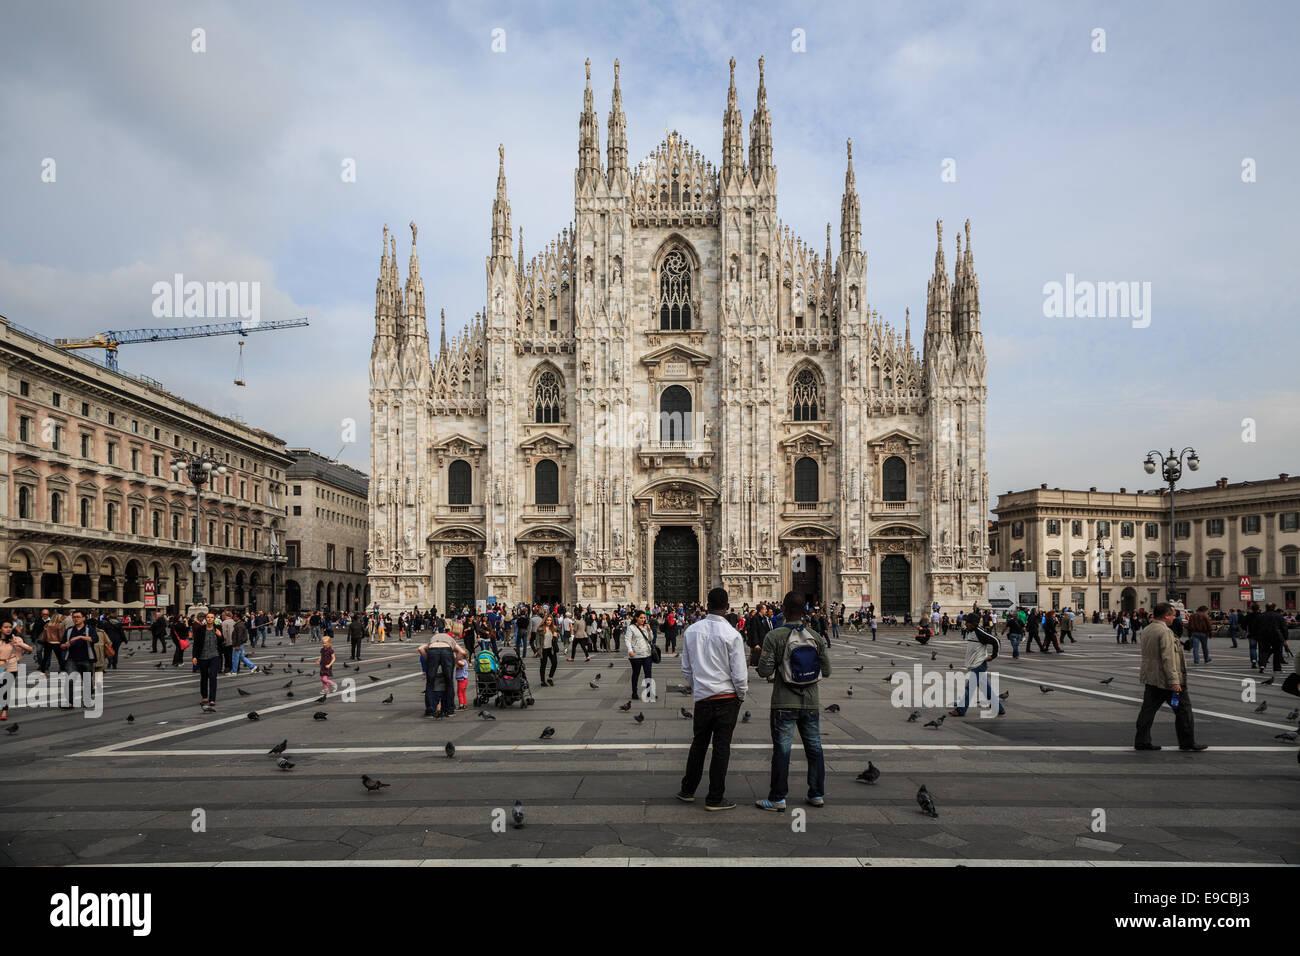 Piazza del Duomo, Milano, Italy - Stock Image